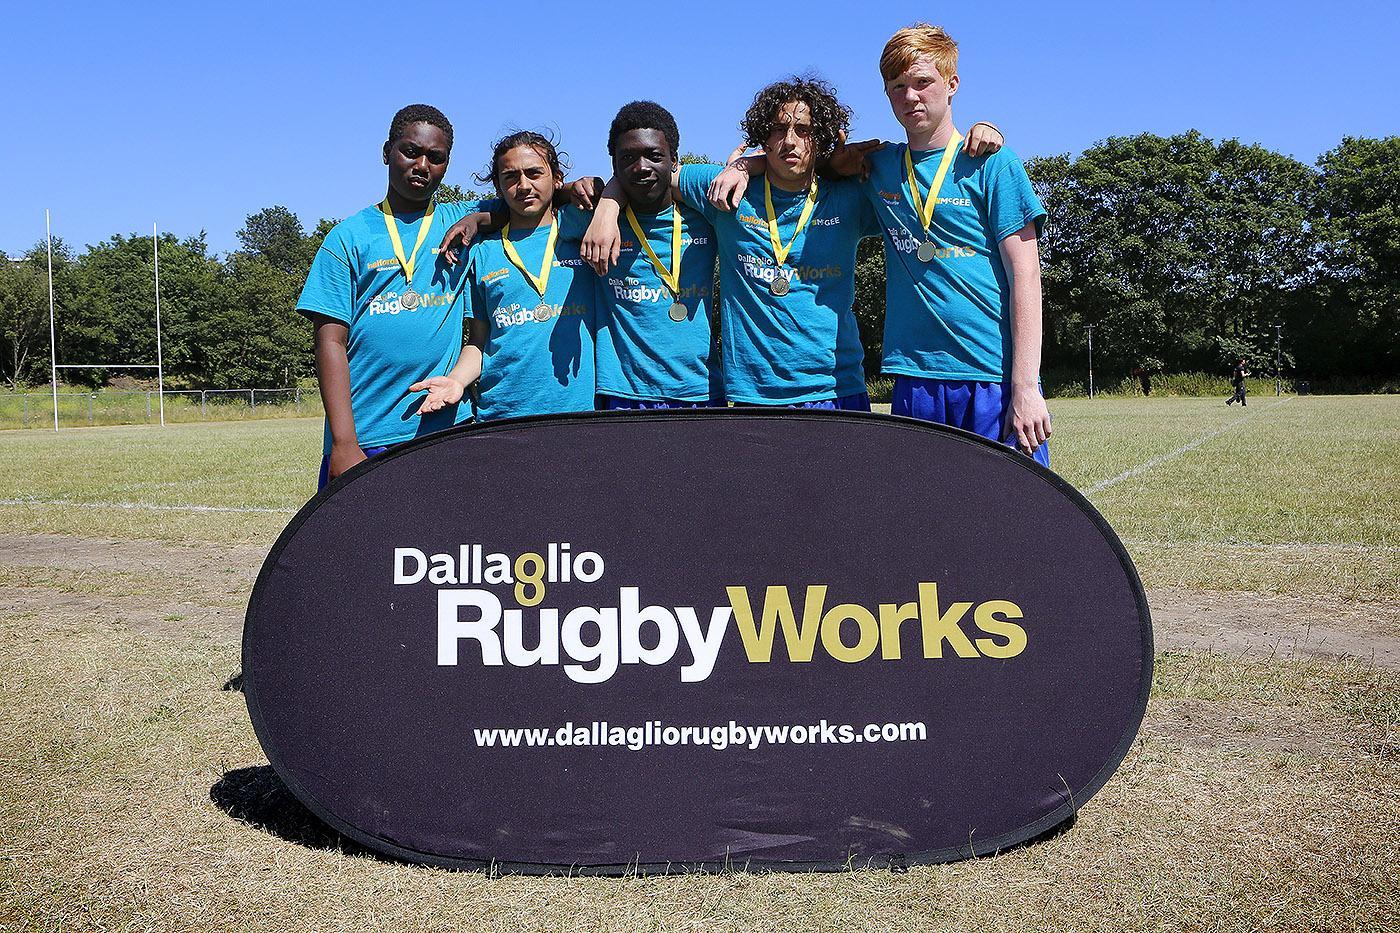 Volunteering: RugbyWorks